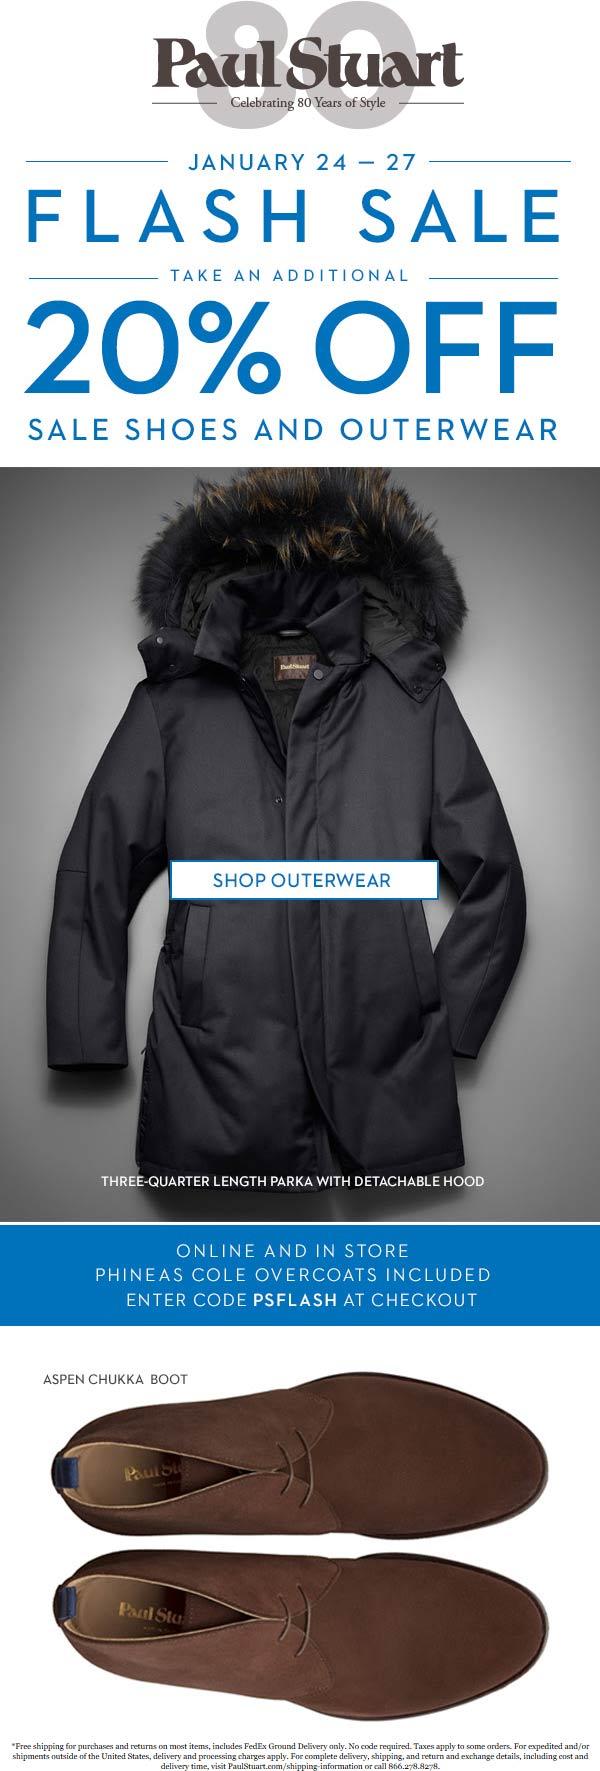 Paul Stuart Coupon June 2020 20% off outerwear at Paul Stuart, ditto online